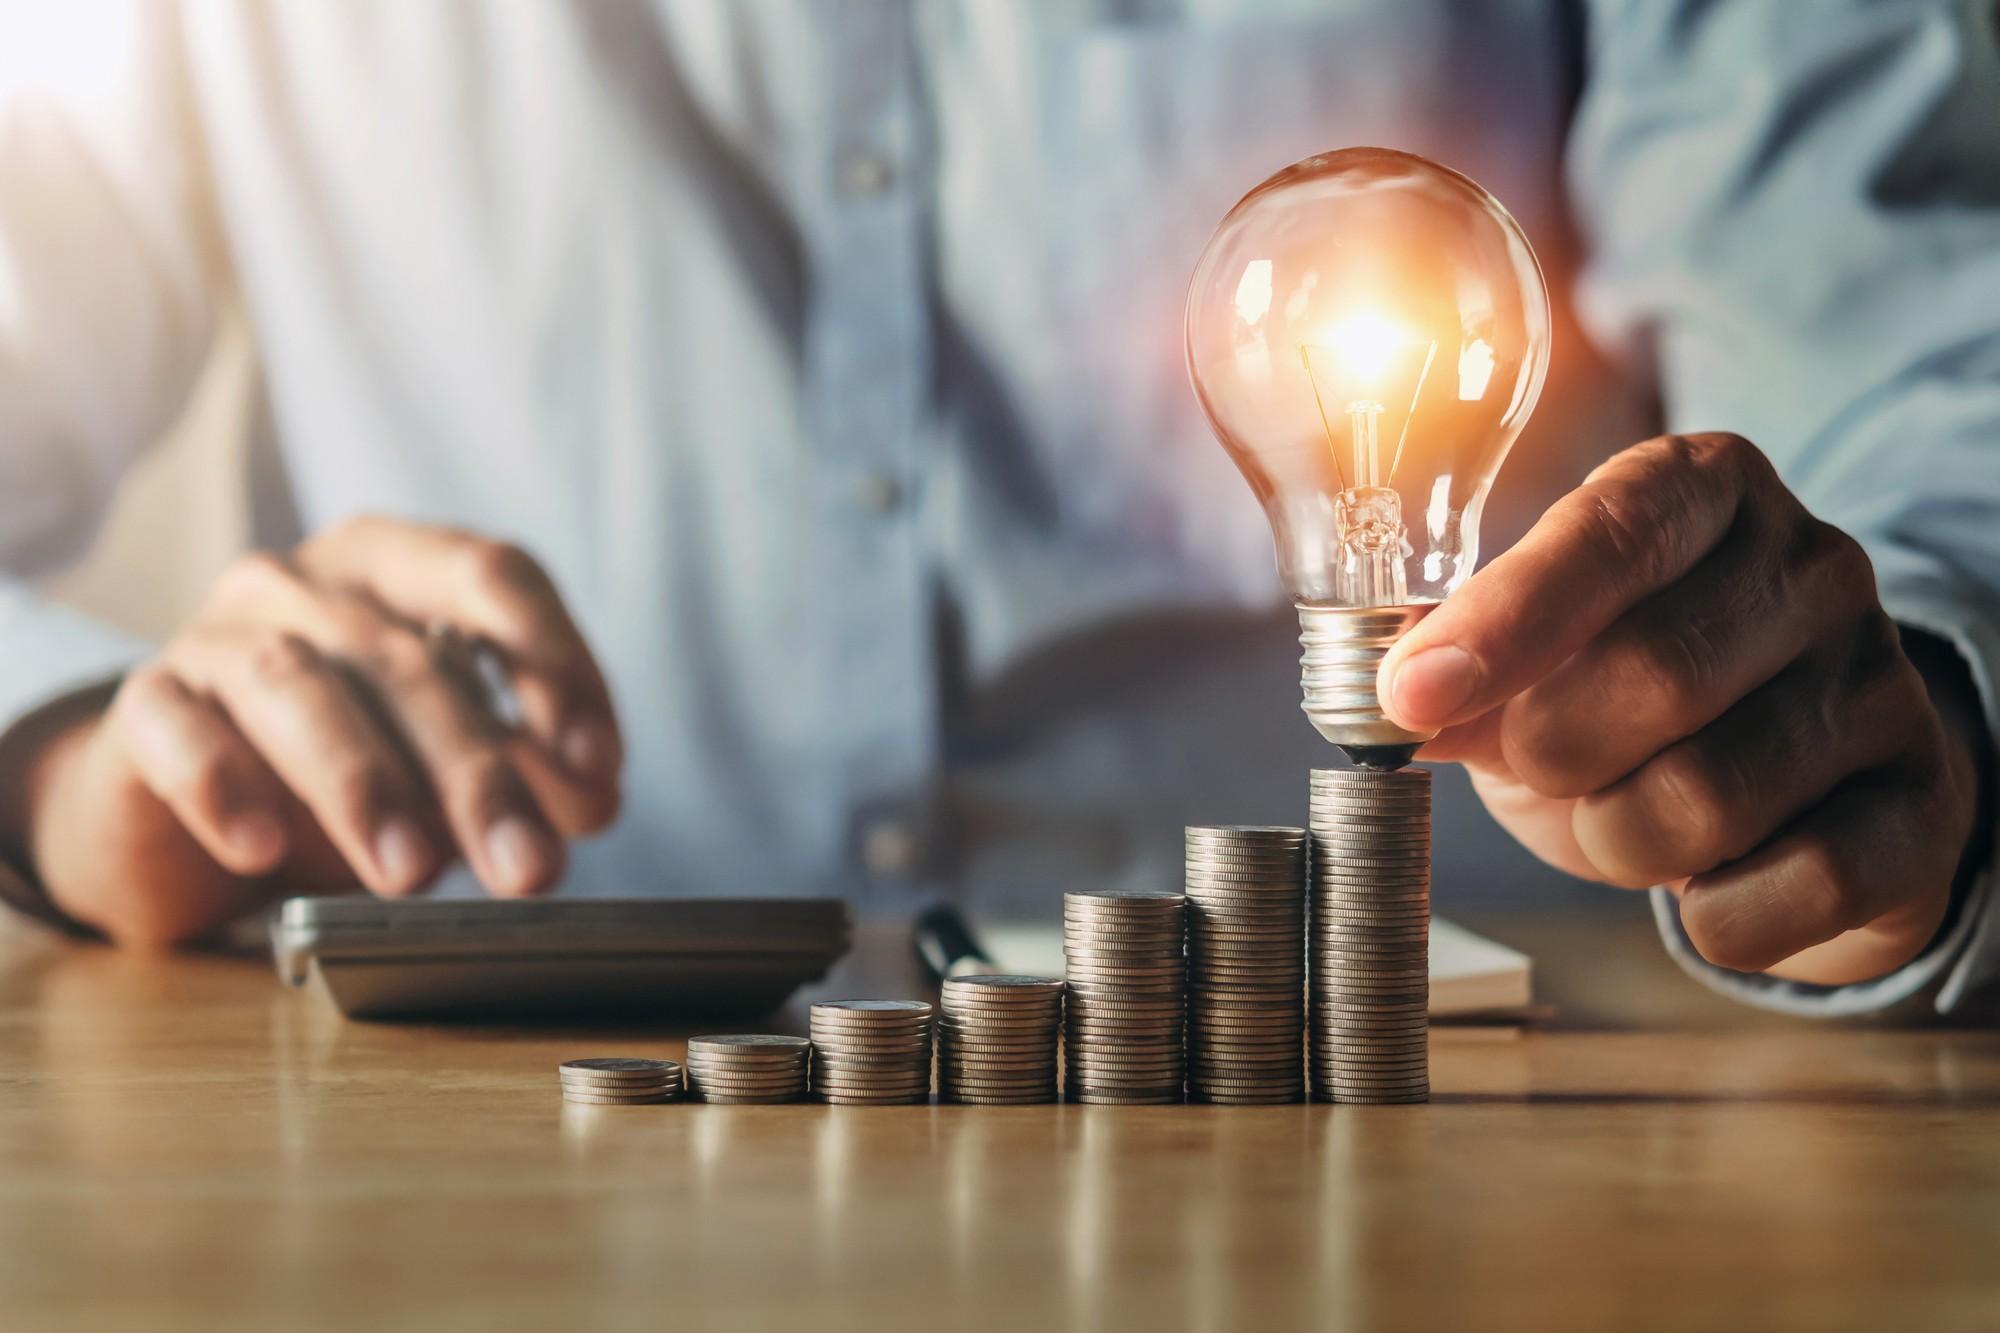 財務管理,會計系統,薪資分配,賬務管理,會計管理